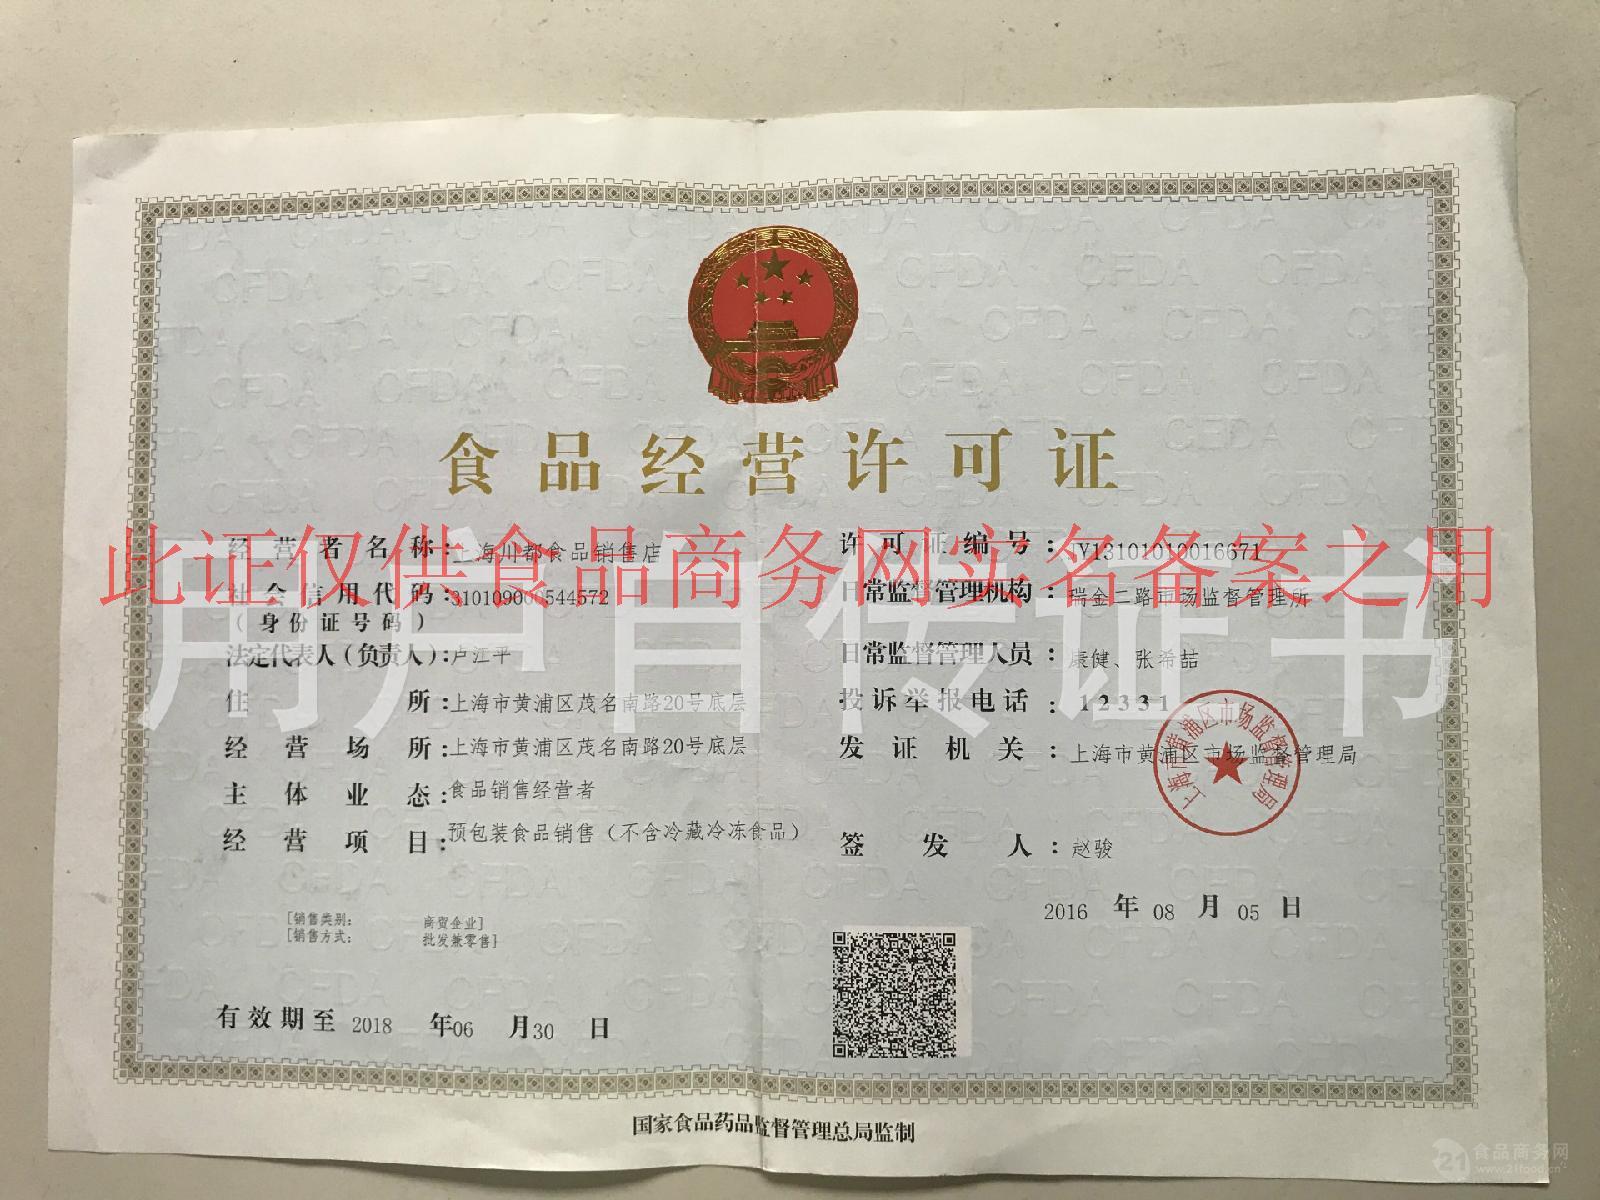 深圳私家侦探哲西调查 公司_上海私家侦探公司调查_上海市调查公司